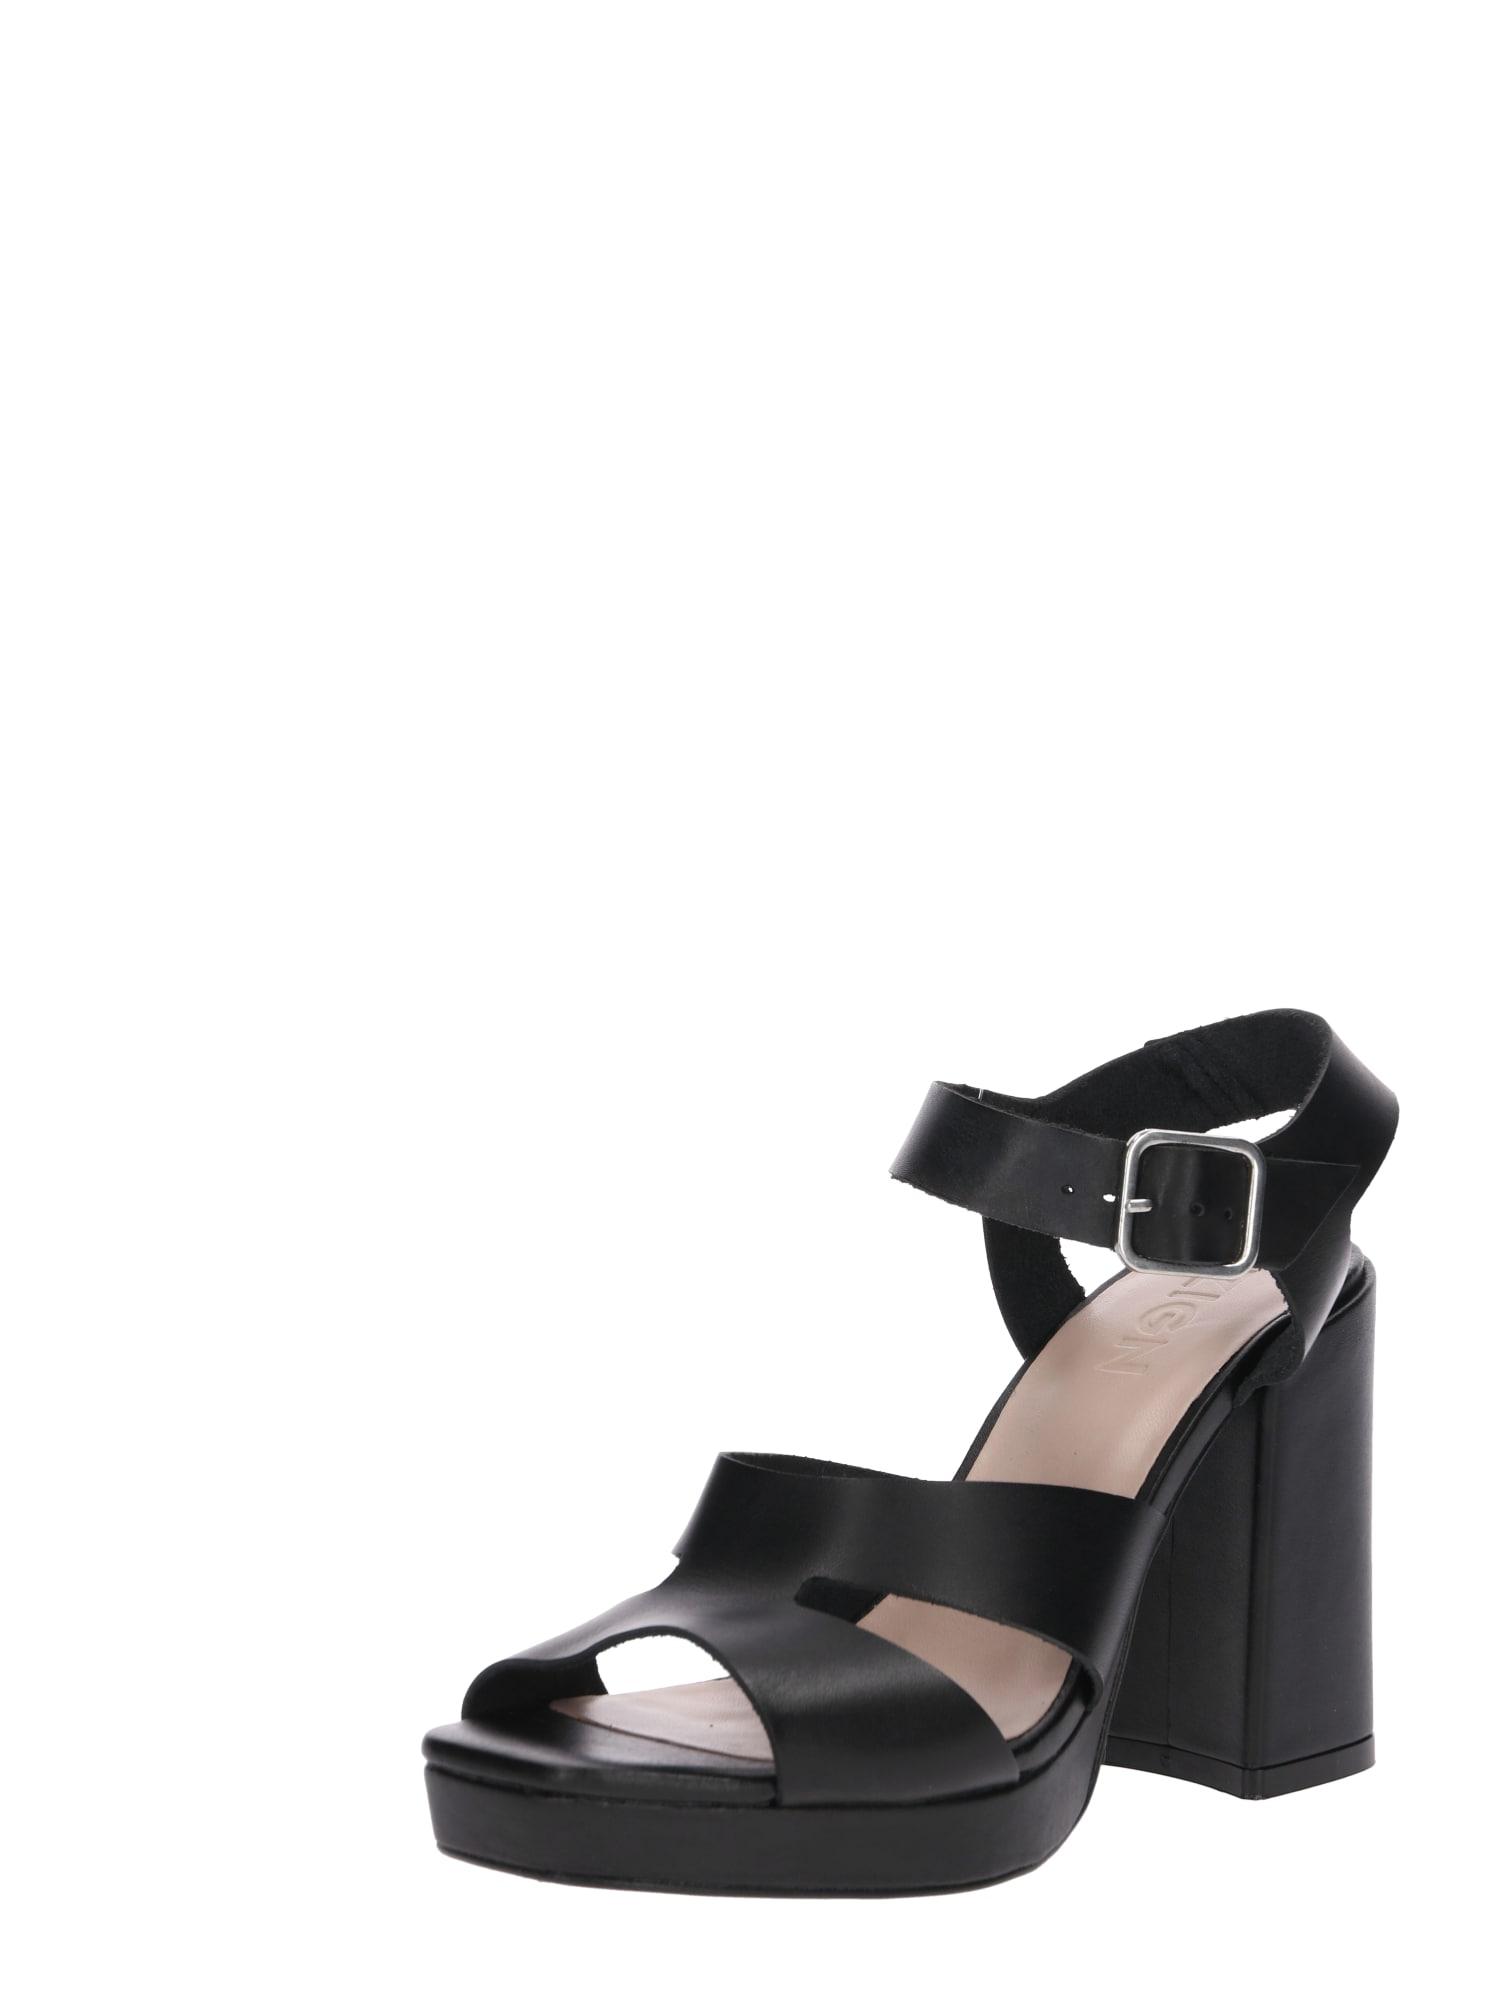 Lodičky Heeled Sandals černá Zign